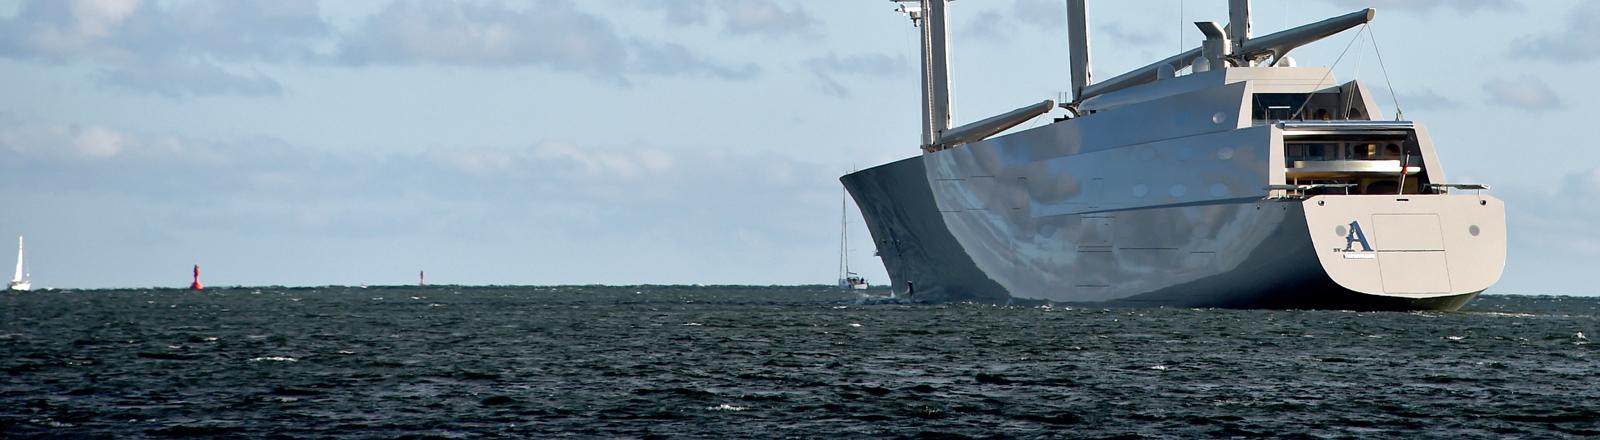 Die 143 Meter lange «Sailing Yacht A» läuft am 04.10.2016 in Kiel (Schleswig-Holstein) zu einer Probefahrt auf die Ostsee aus